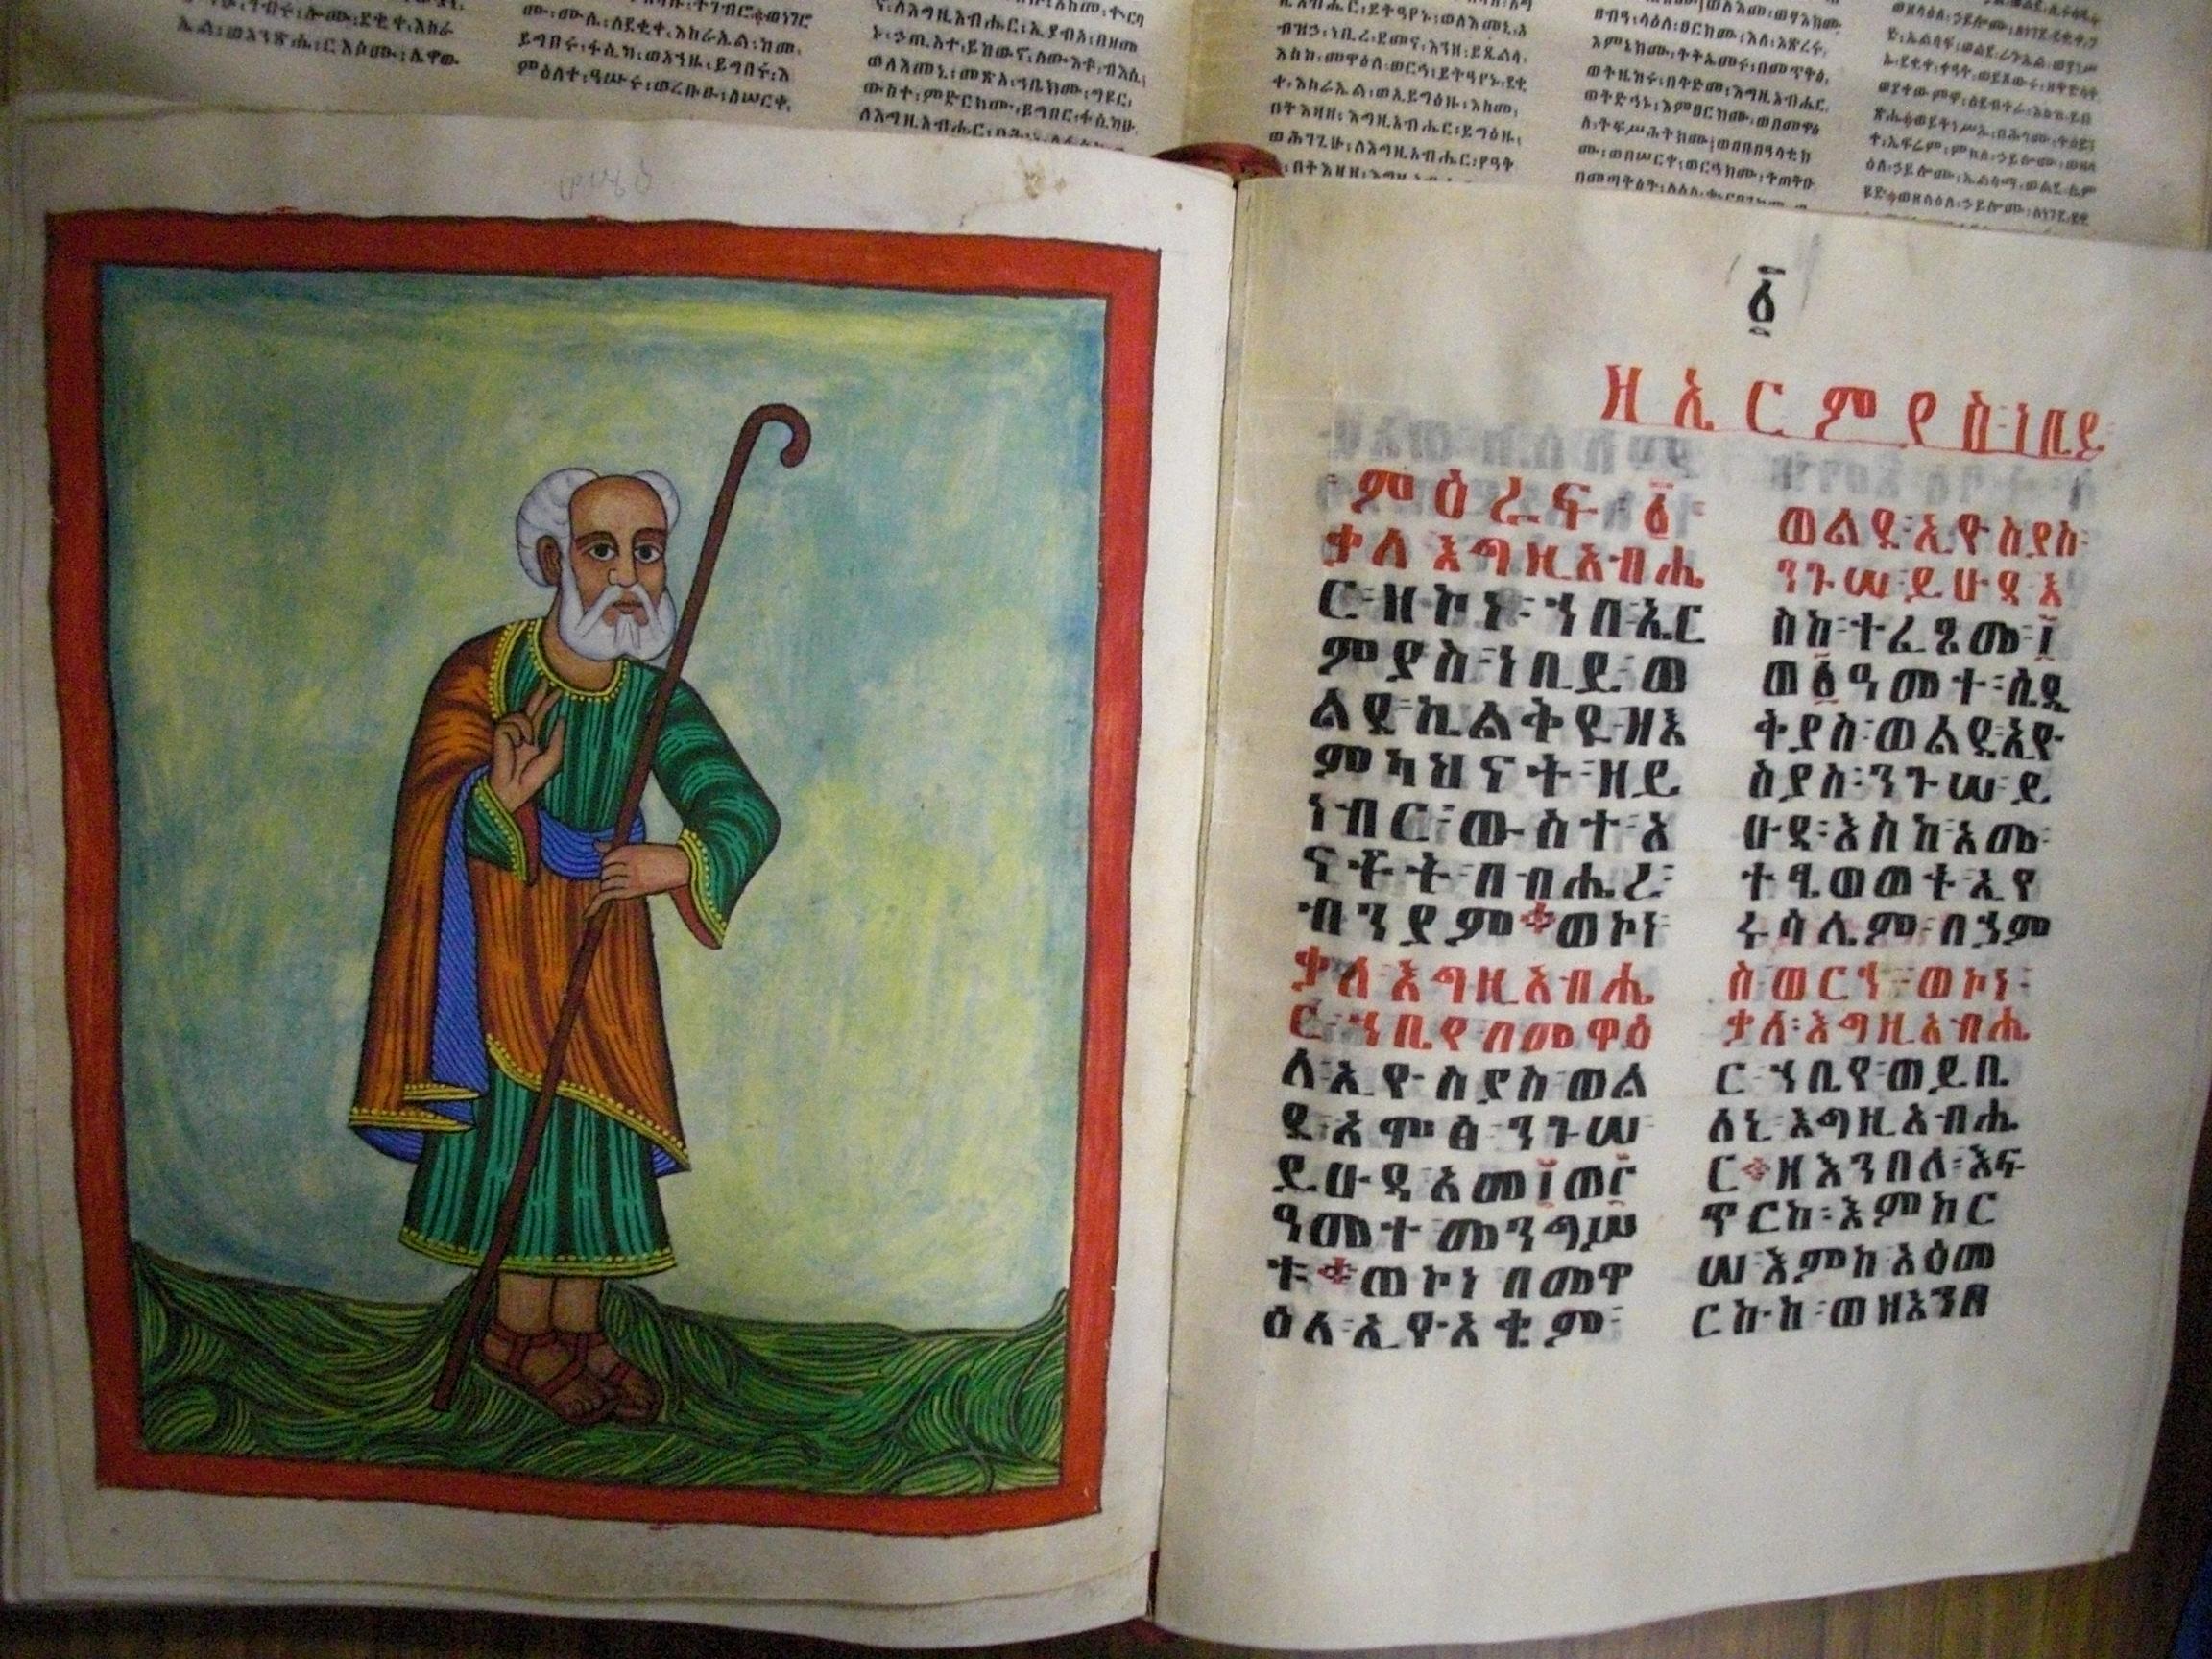 Addis Abeba - Séminaire Catholique, prophète Jérémie